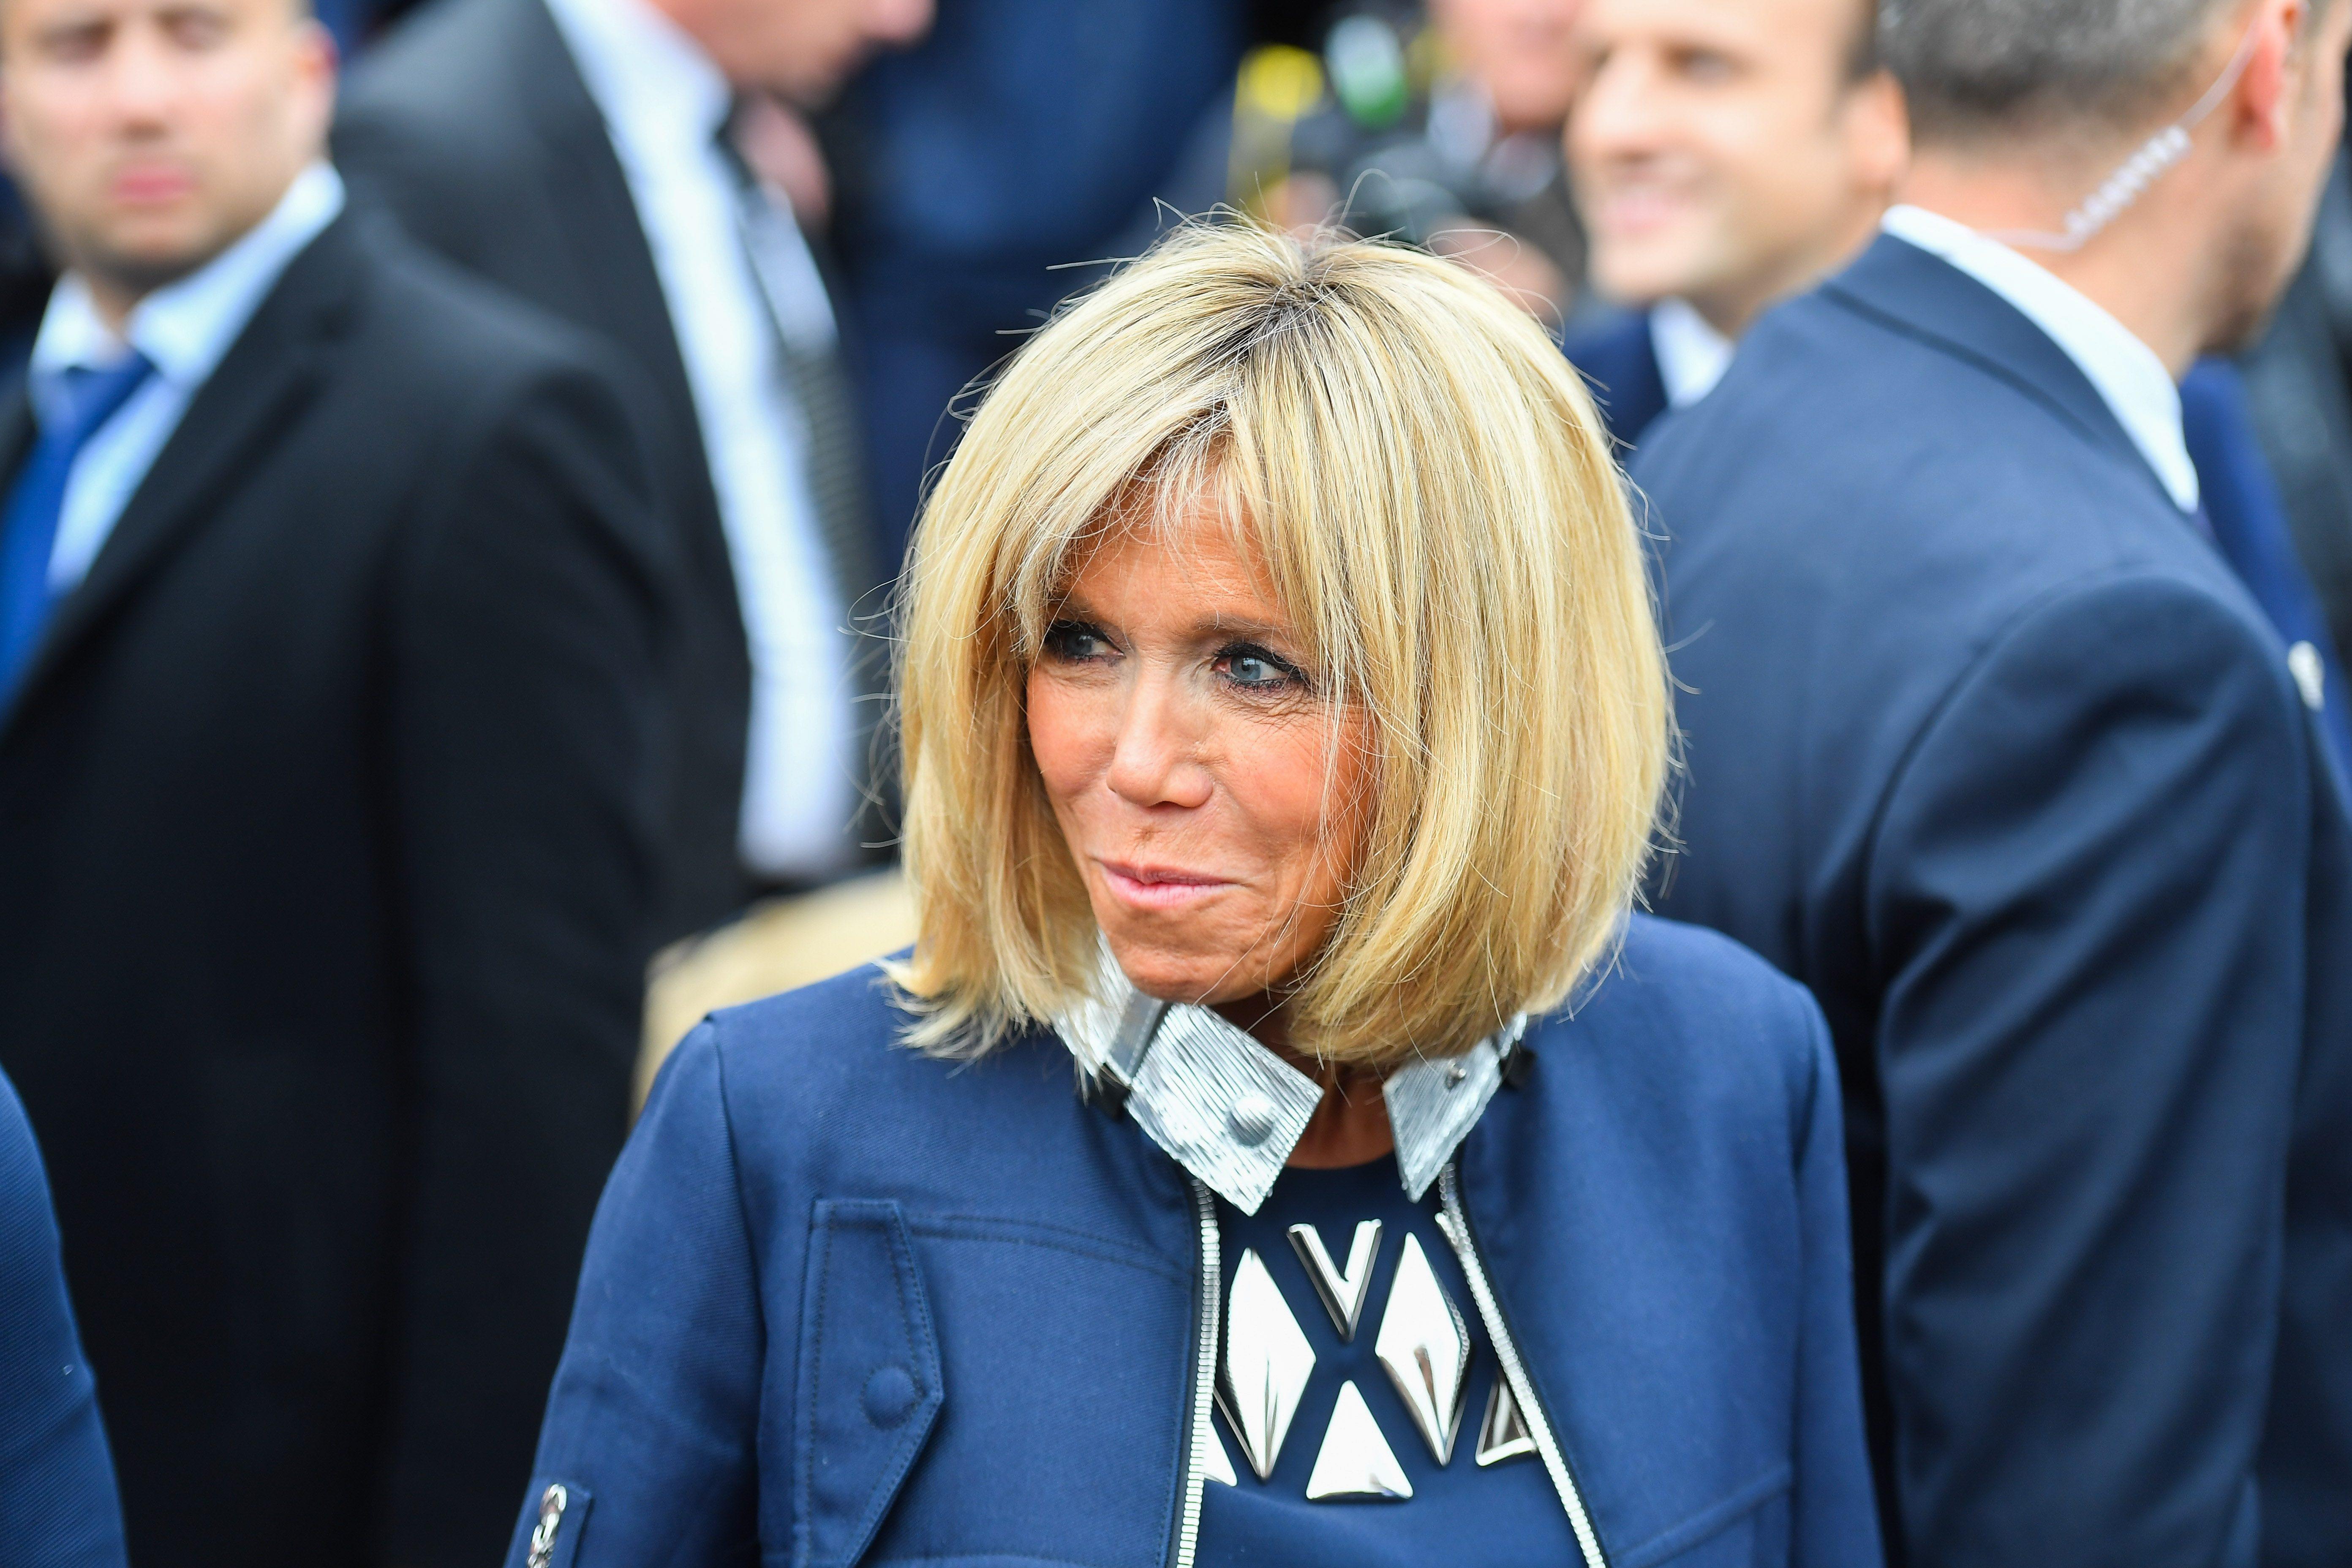 Brigitte trogneux la premi re dame 8 cose che non sai - Video marito porta la moglie a scopare ...